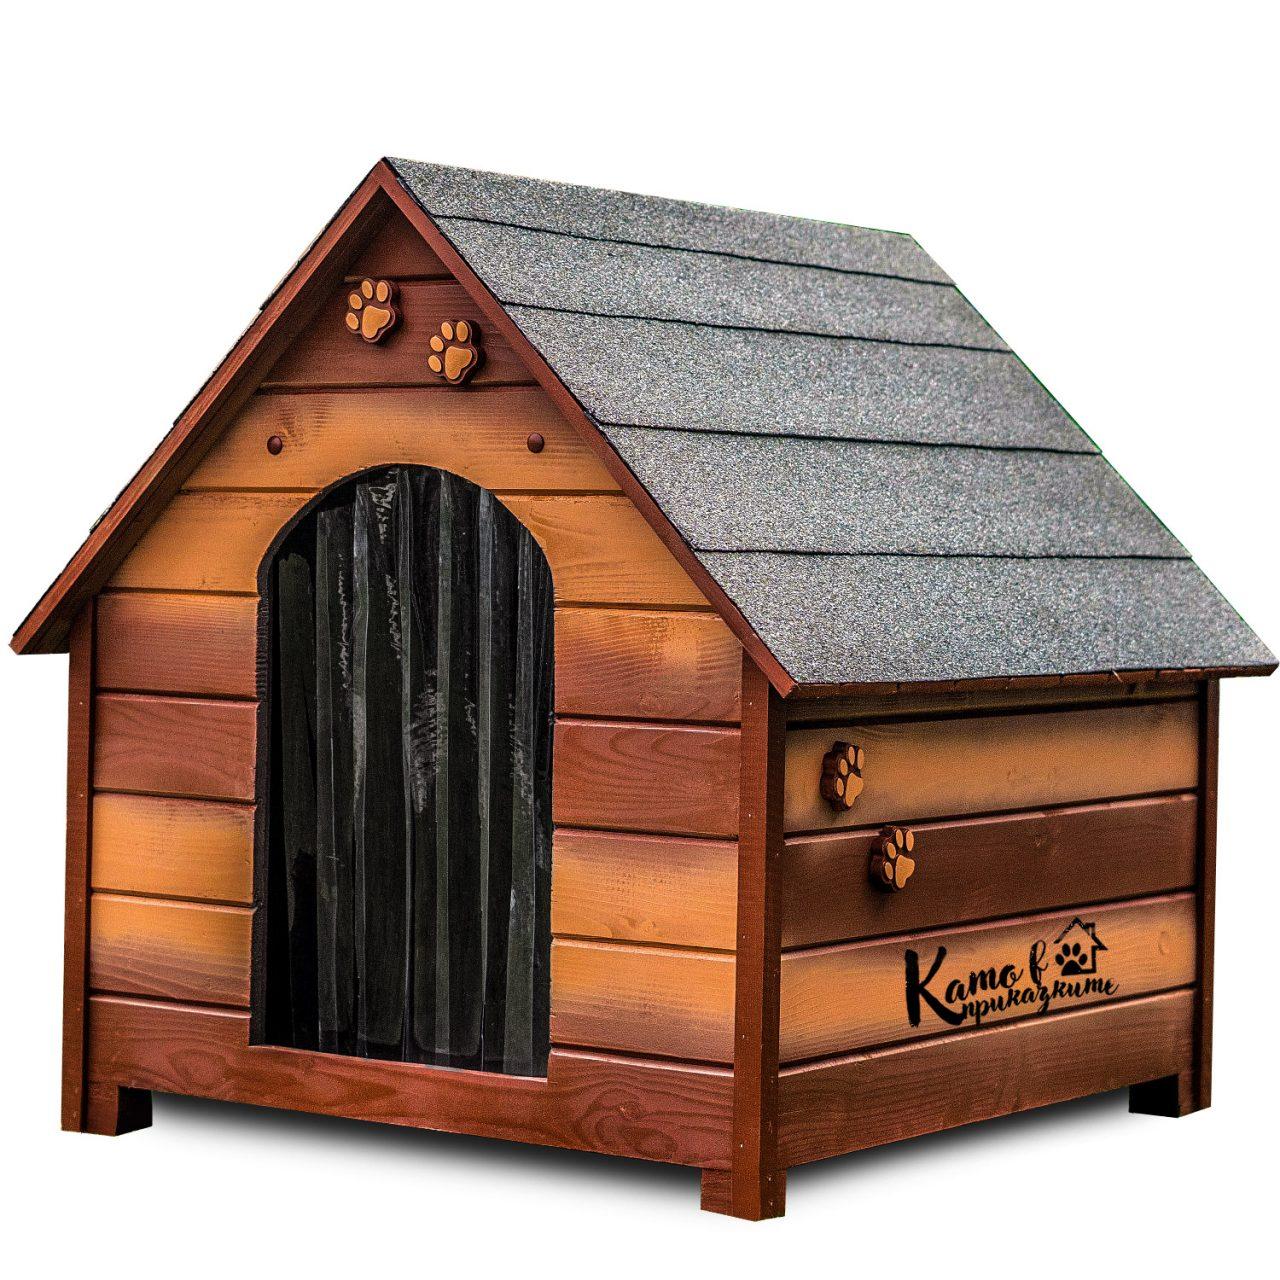 Къща за куче - Кафява - Като В Приказките